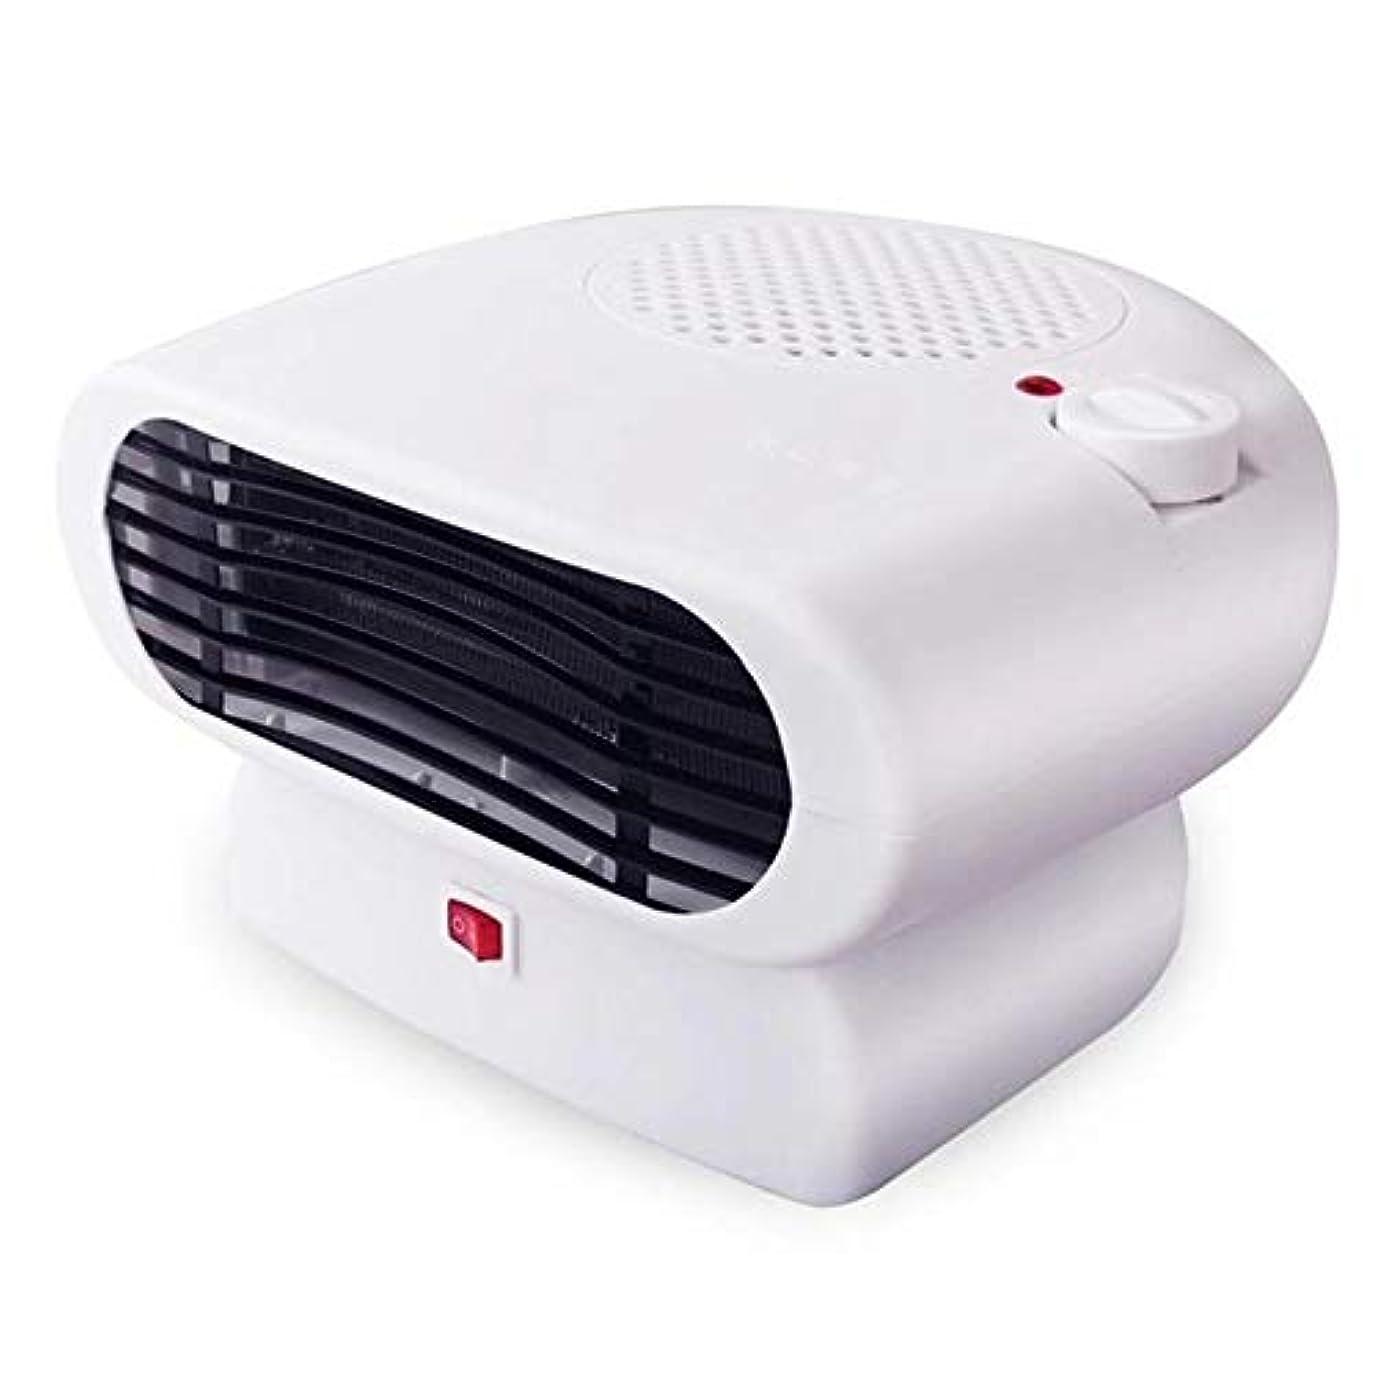 切手のために弱点セラミックスペースヒーターポータブル電気デスクトップ、オーバーヒートおよび転倒防止、暖冷風兼用、オフィスホーム屋内用、500W、白